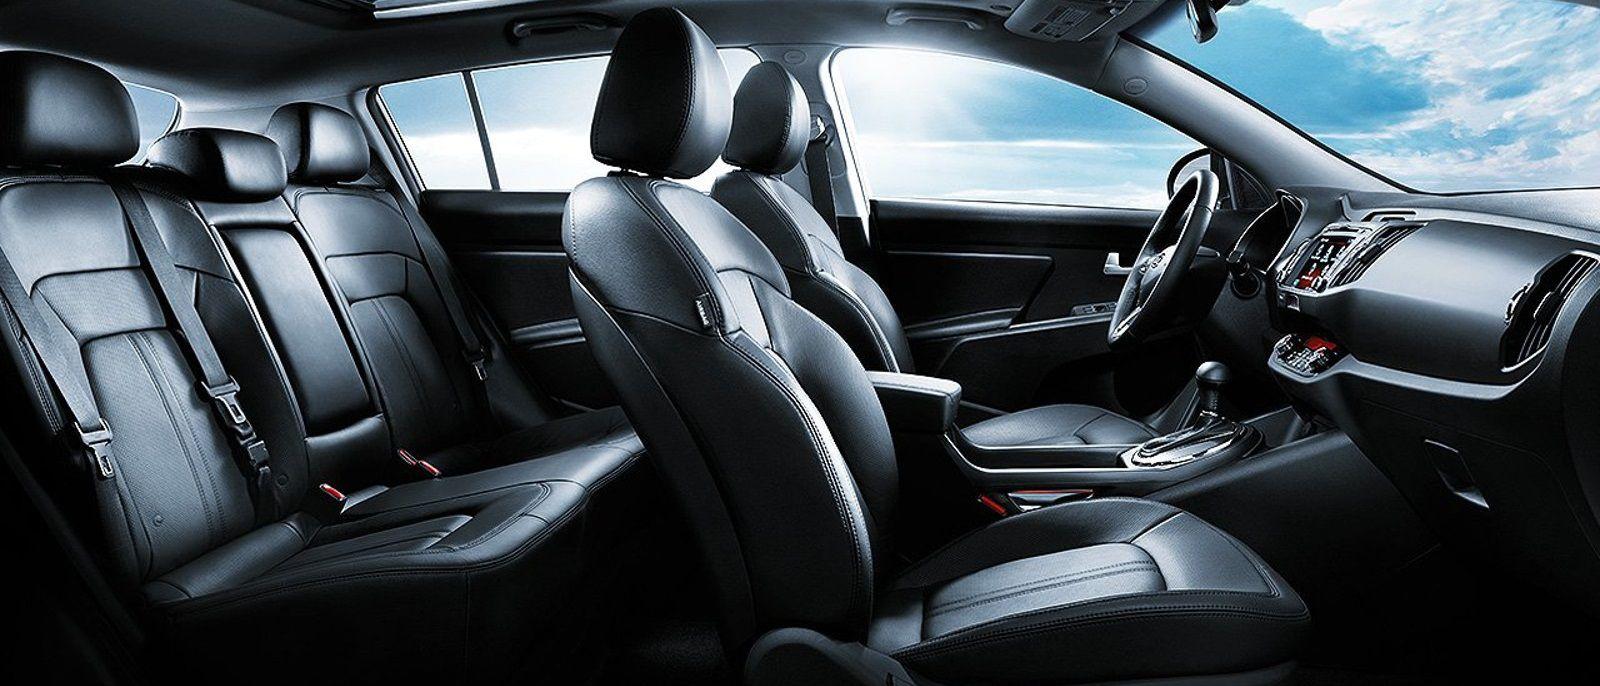 2016 Kia Sportage Interior